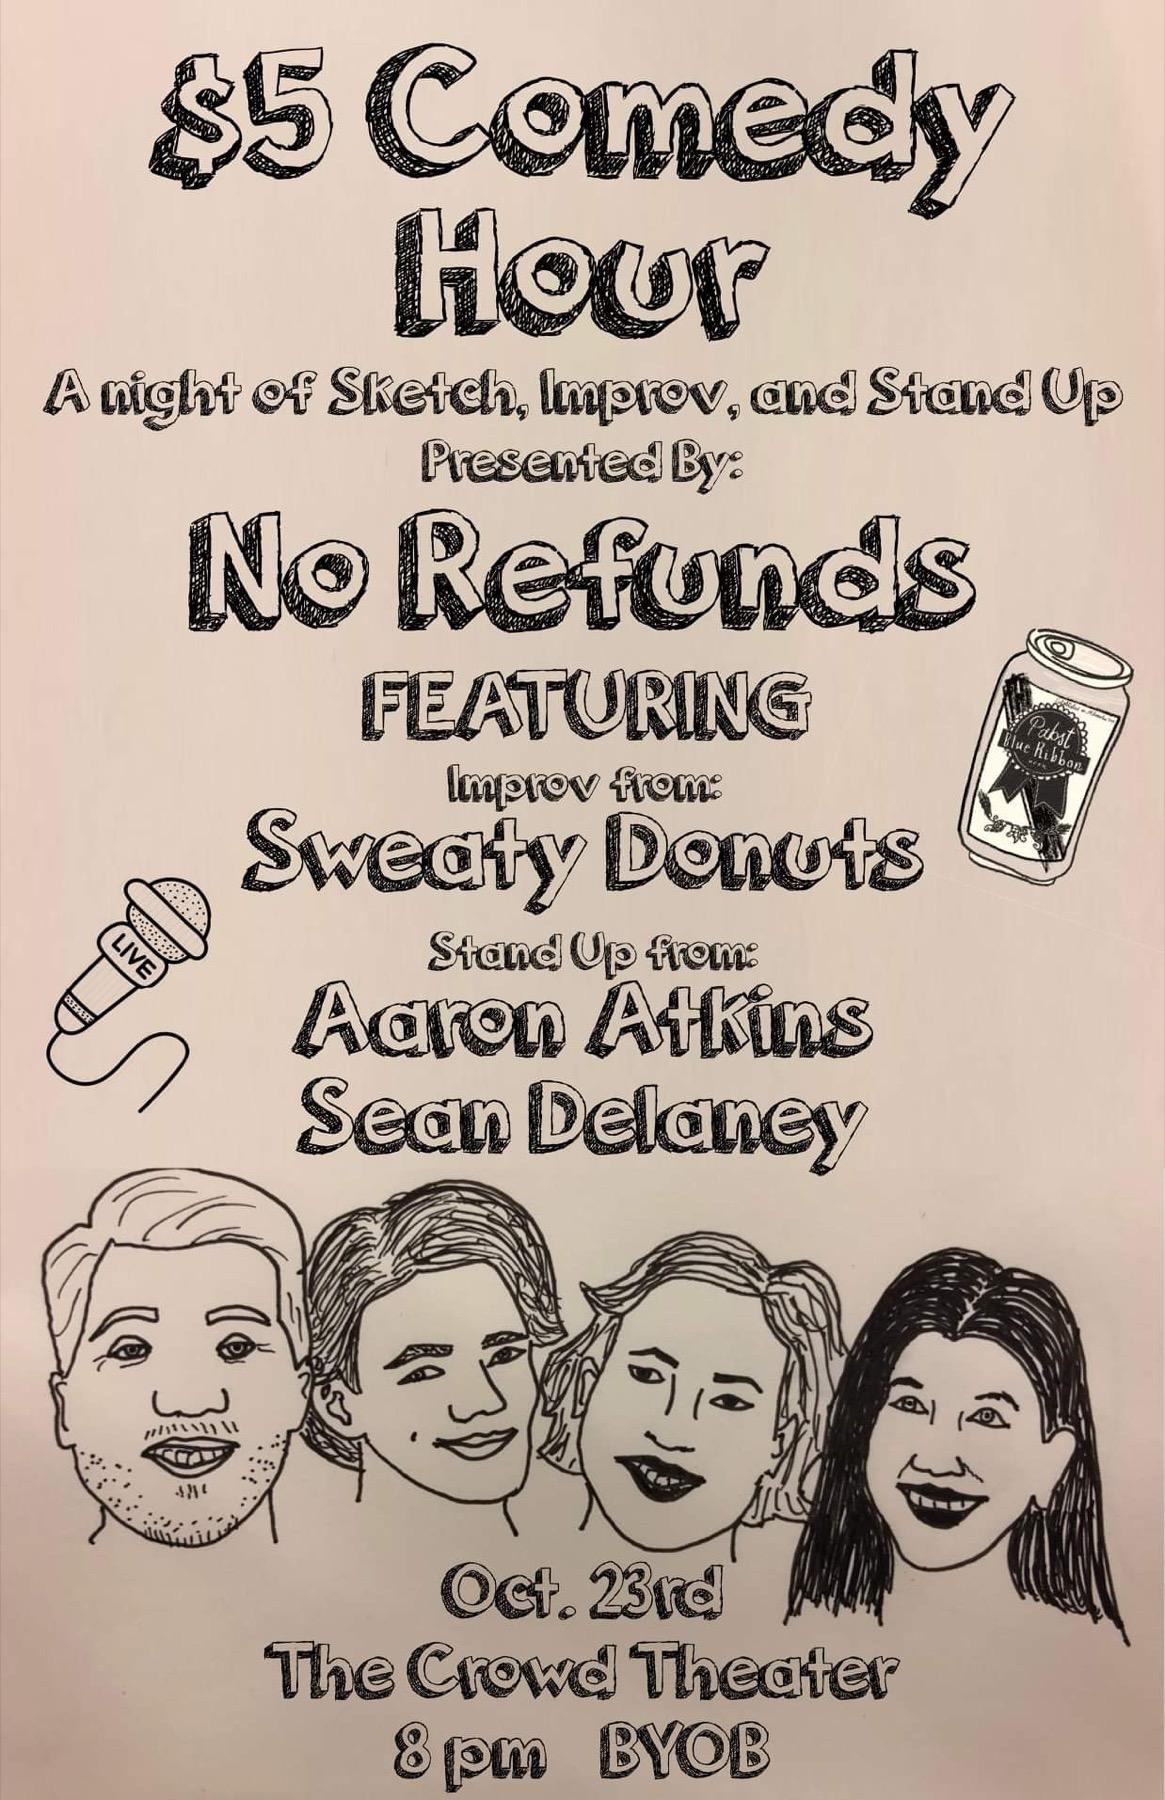 $5 Comedy Hour